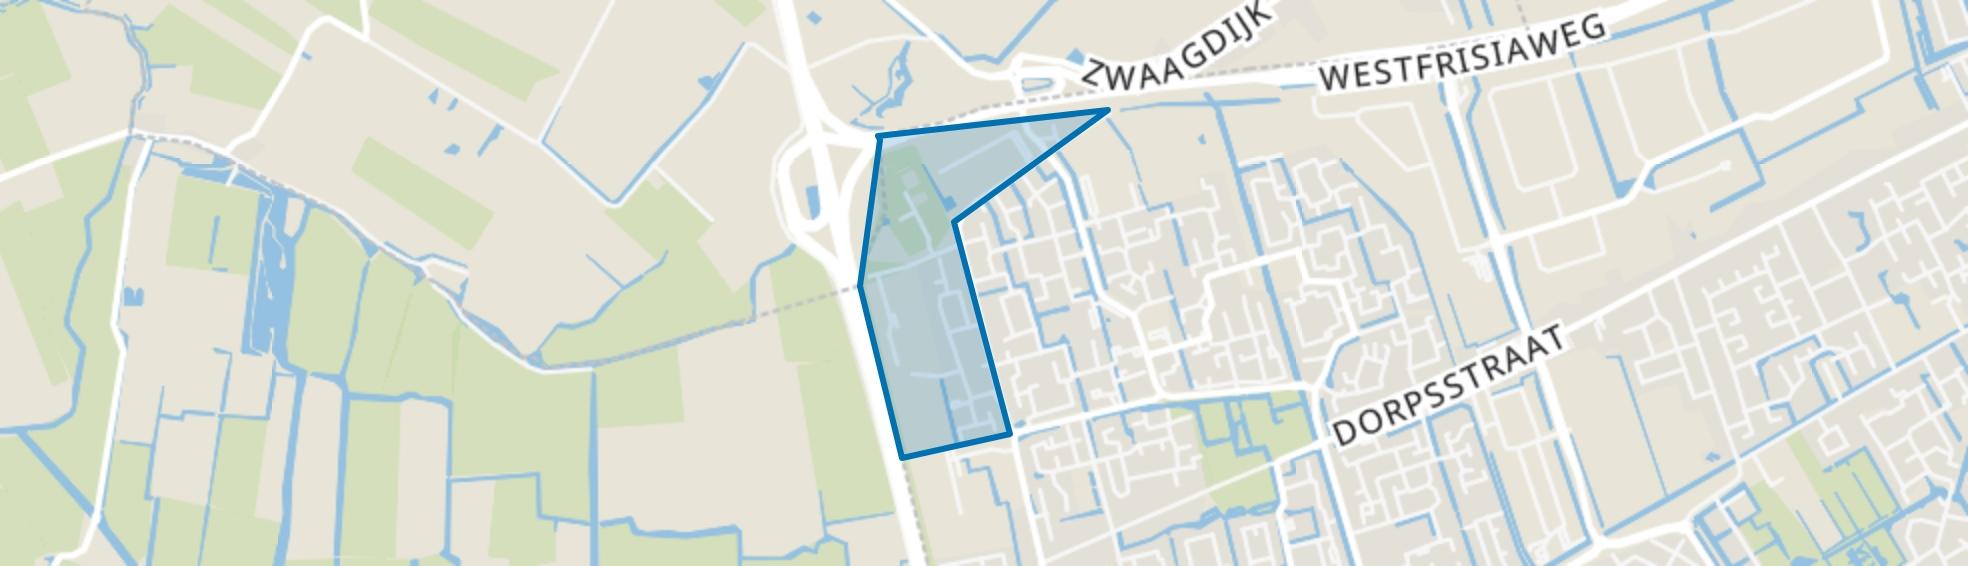 Risdam-Noord - Buurt 21 05, Zwaag map